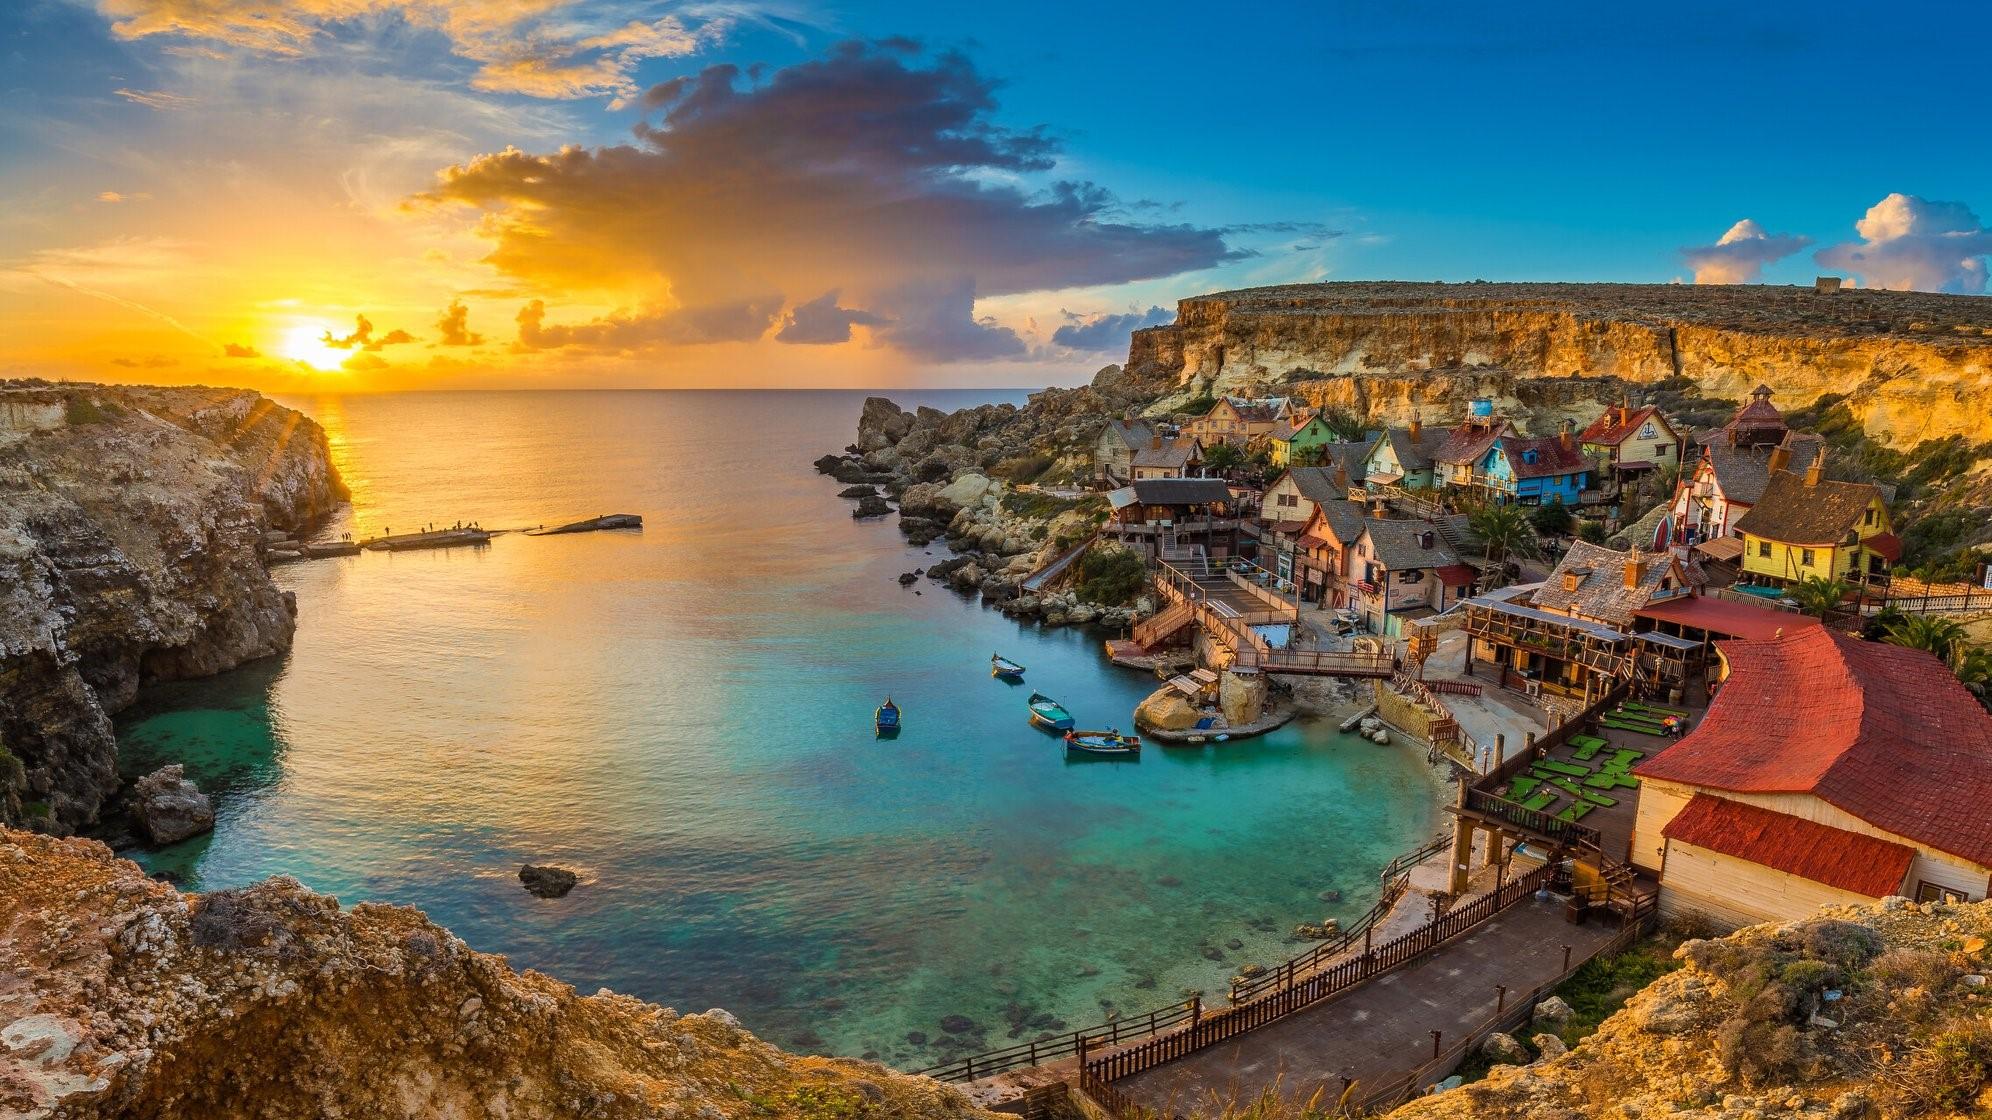 Các chuyên gia di trú nhận định những thay đổi mới của chương trình Thường trú nhân Malta 2021 vừa có lợi, vừa bất lợi cho nhà đầu tư